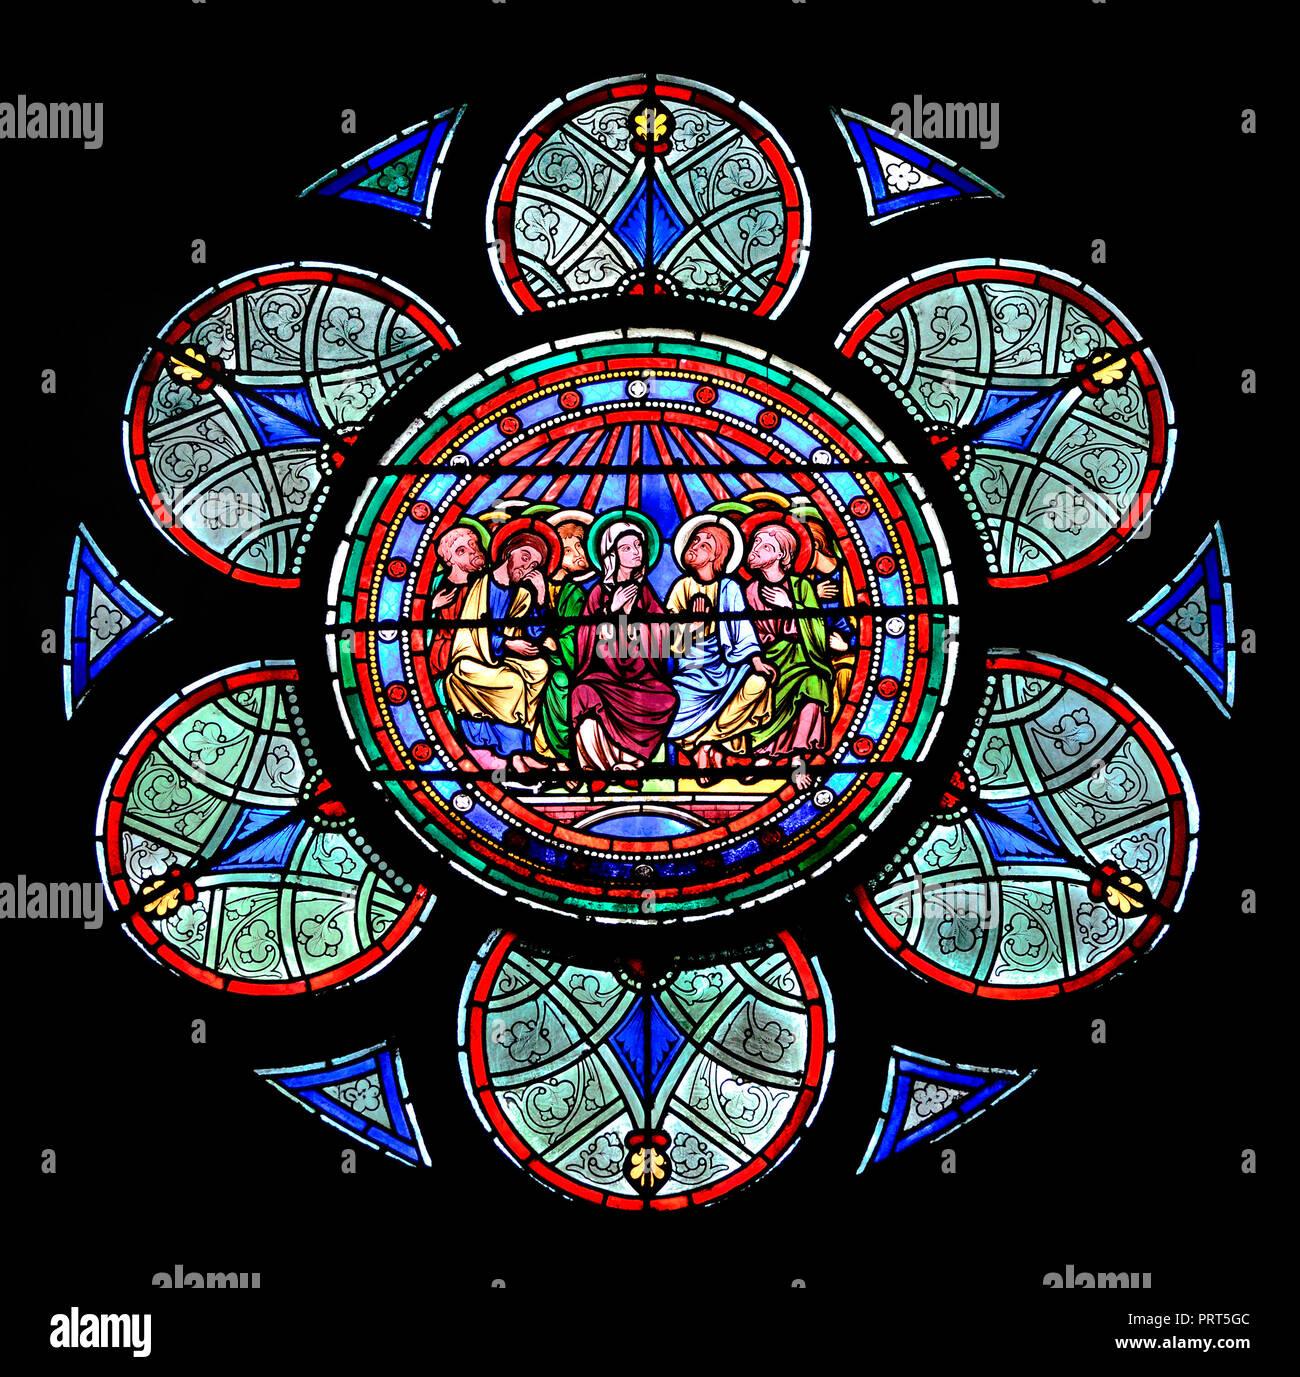 Paris, France. Notre Dame cathedral / Notre-Dame de Paris on Isle de la Cite. Stained glass window - Stock Image